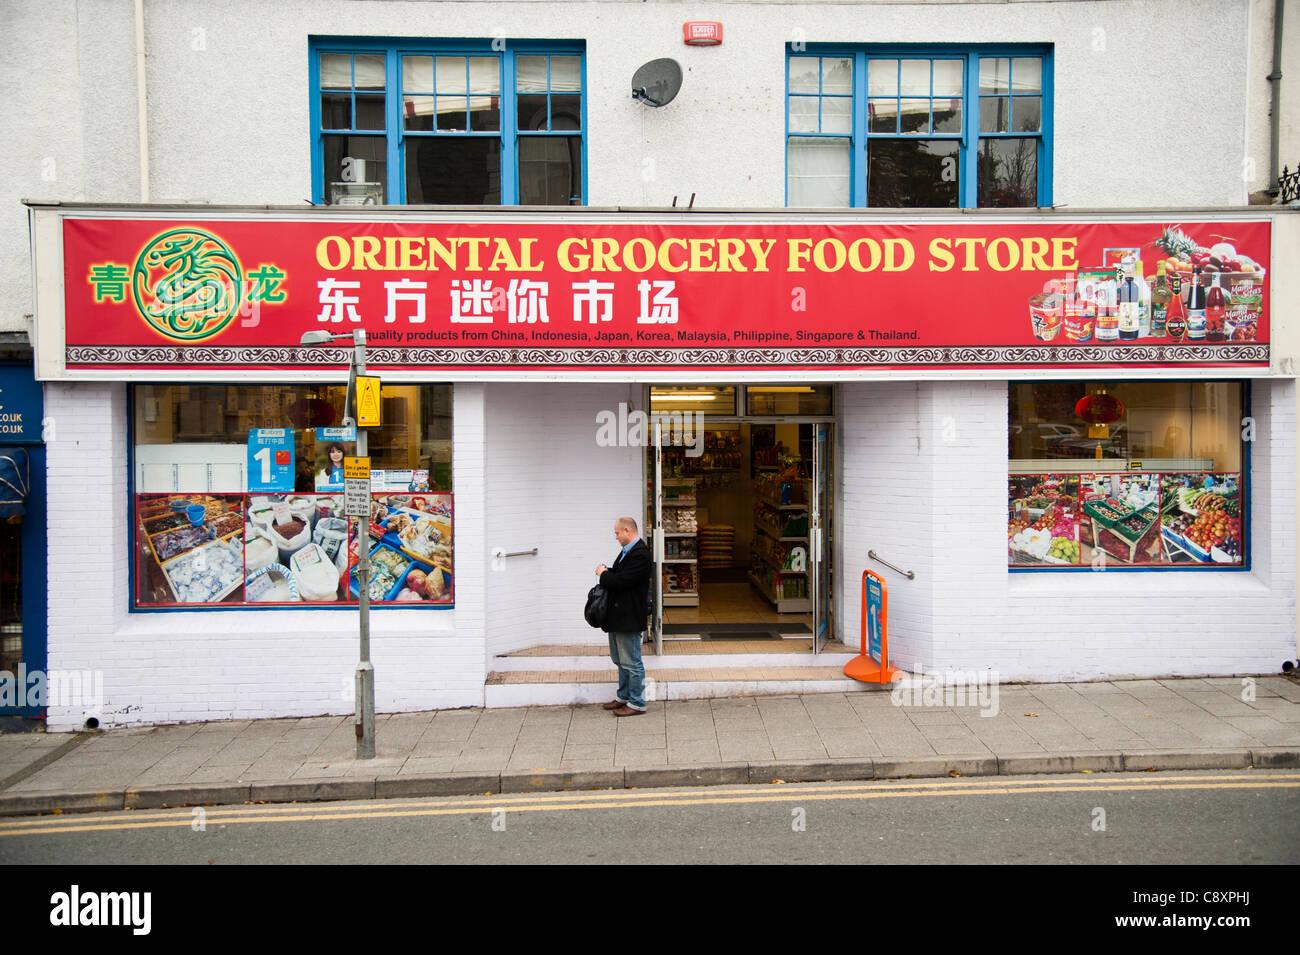 ein Mann, der außerhalb einer orientalischen chinesische Lebensmittel Lebensmittelgeschäft, Bangor Wales Stockbild